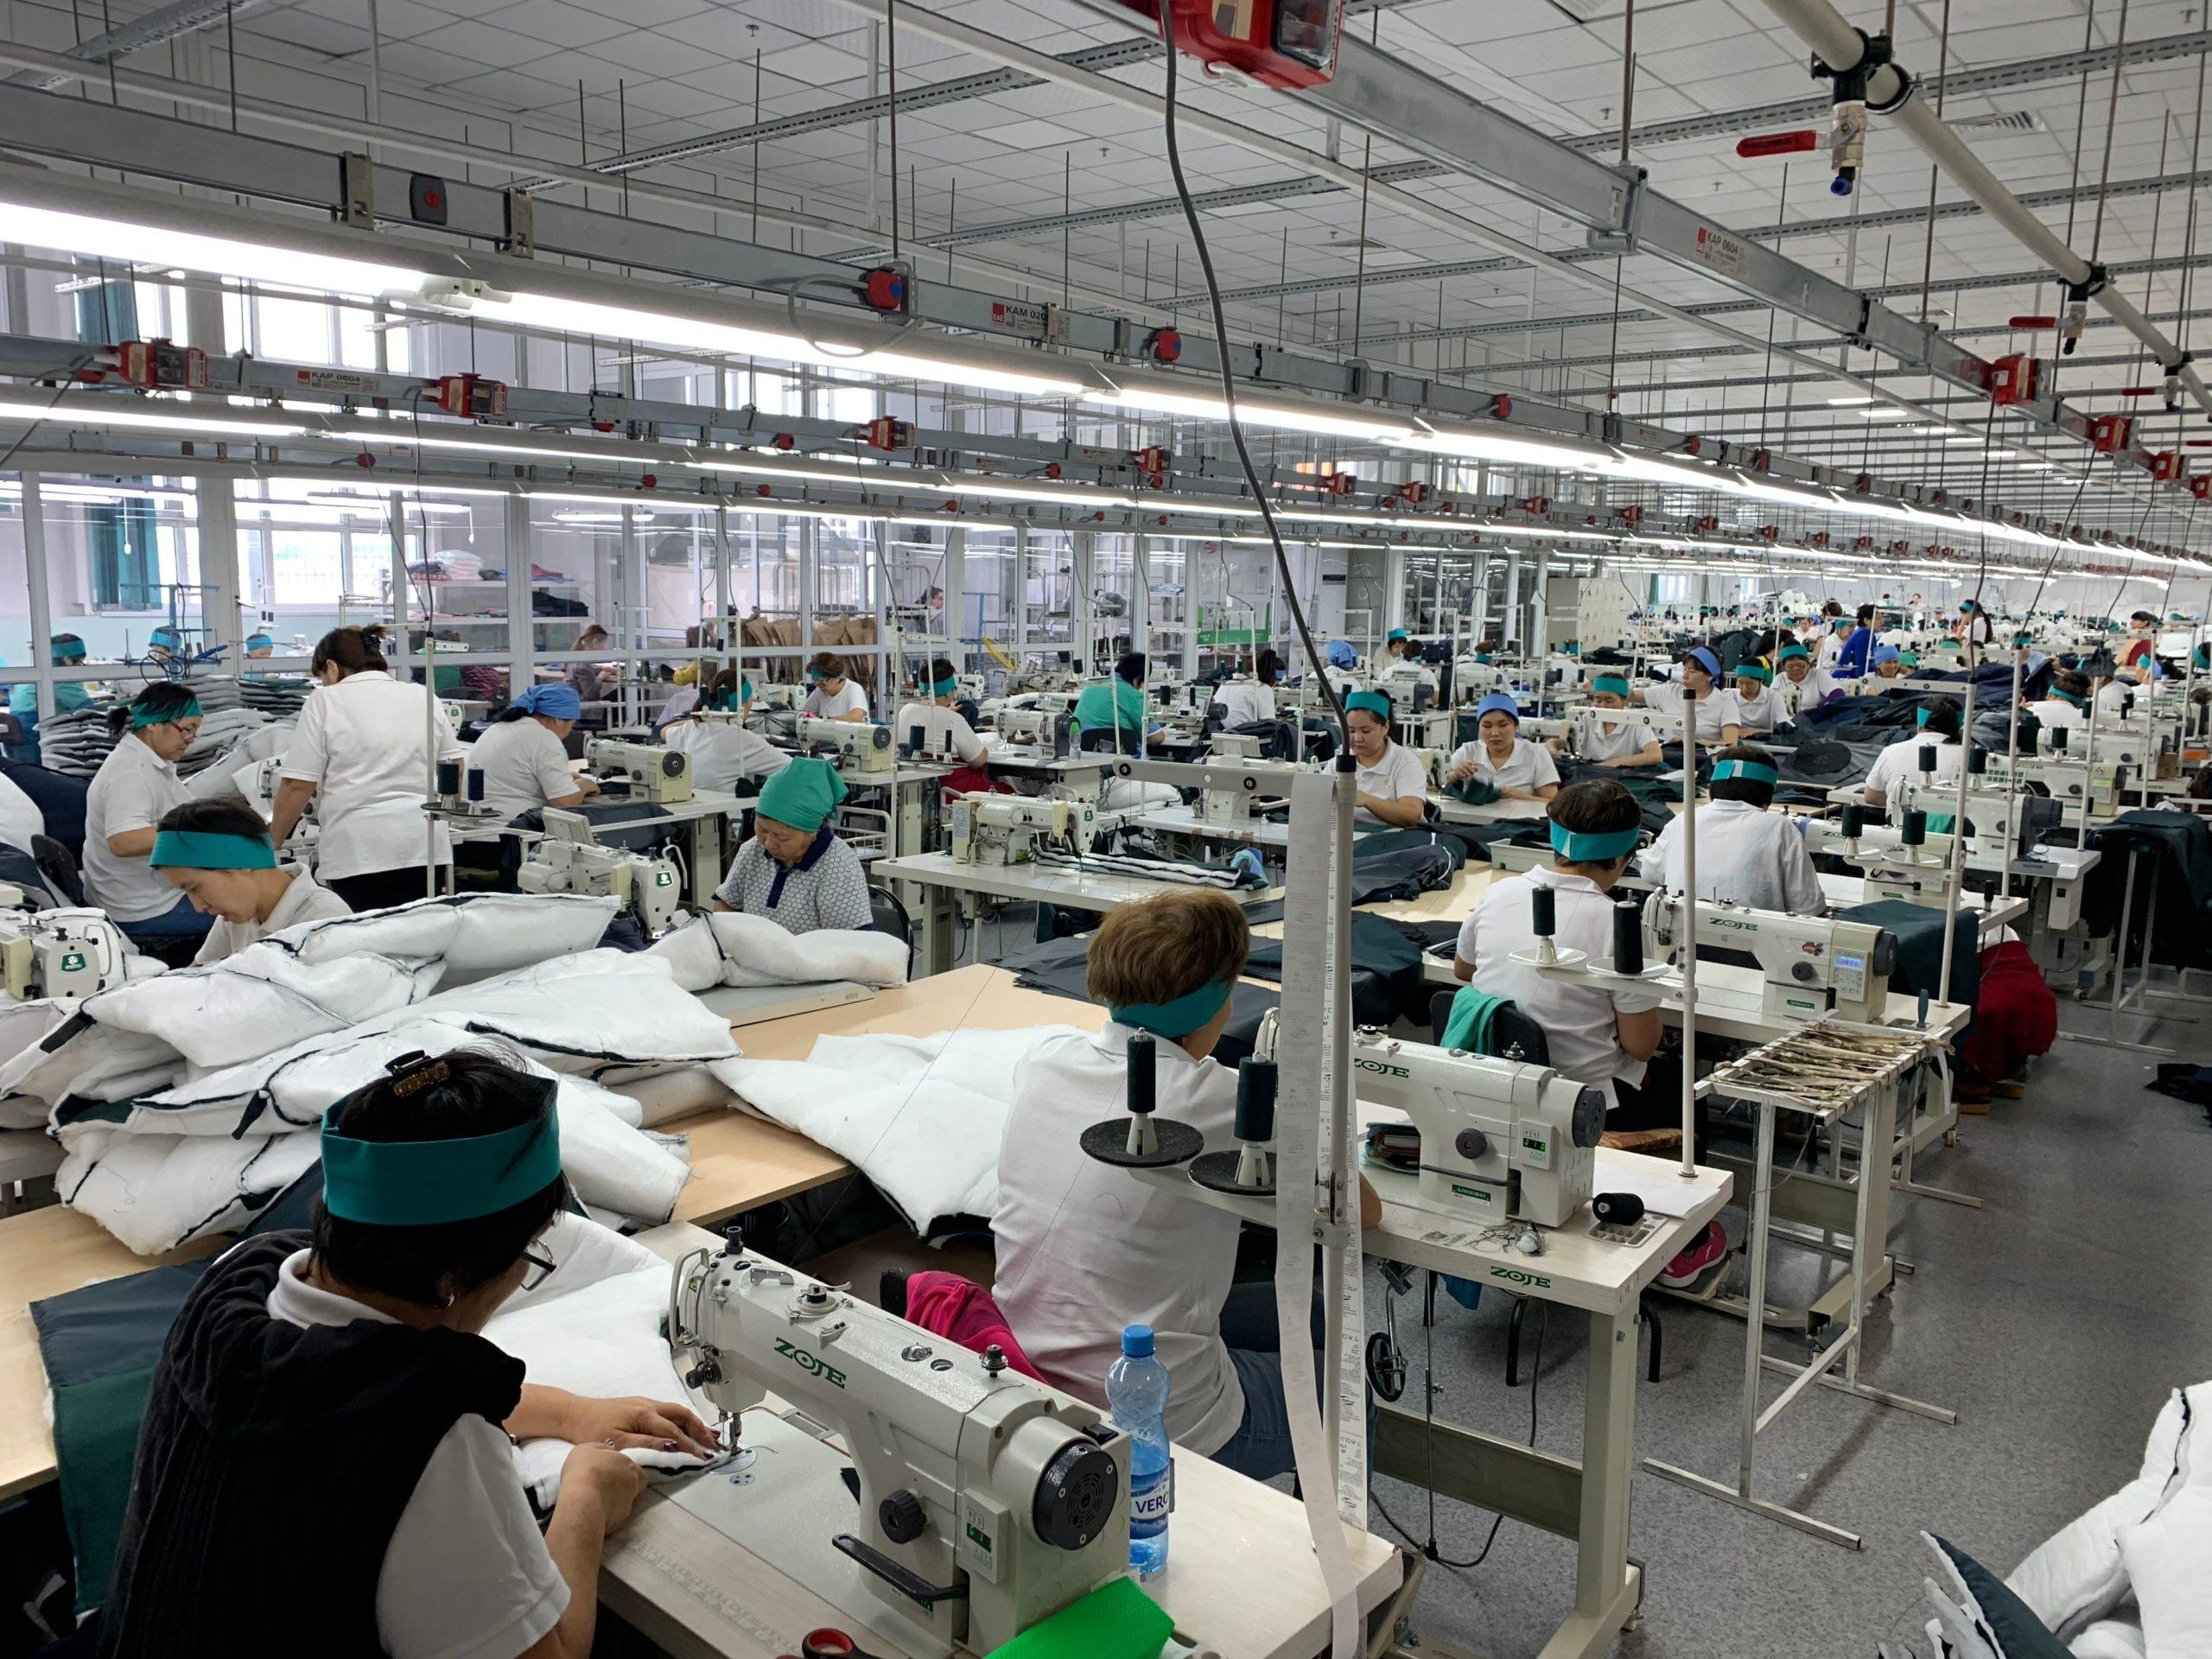 В Подмосковье турецкие инвесторы откроют новое текстильное предприятие